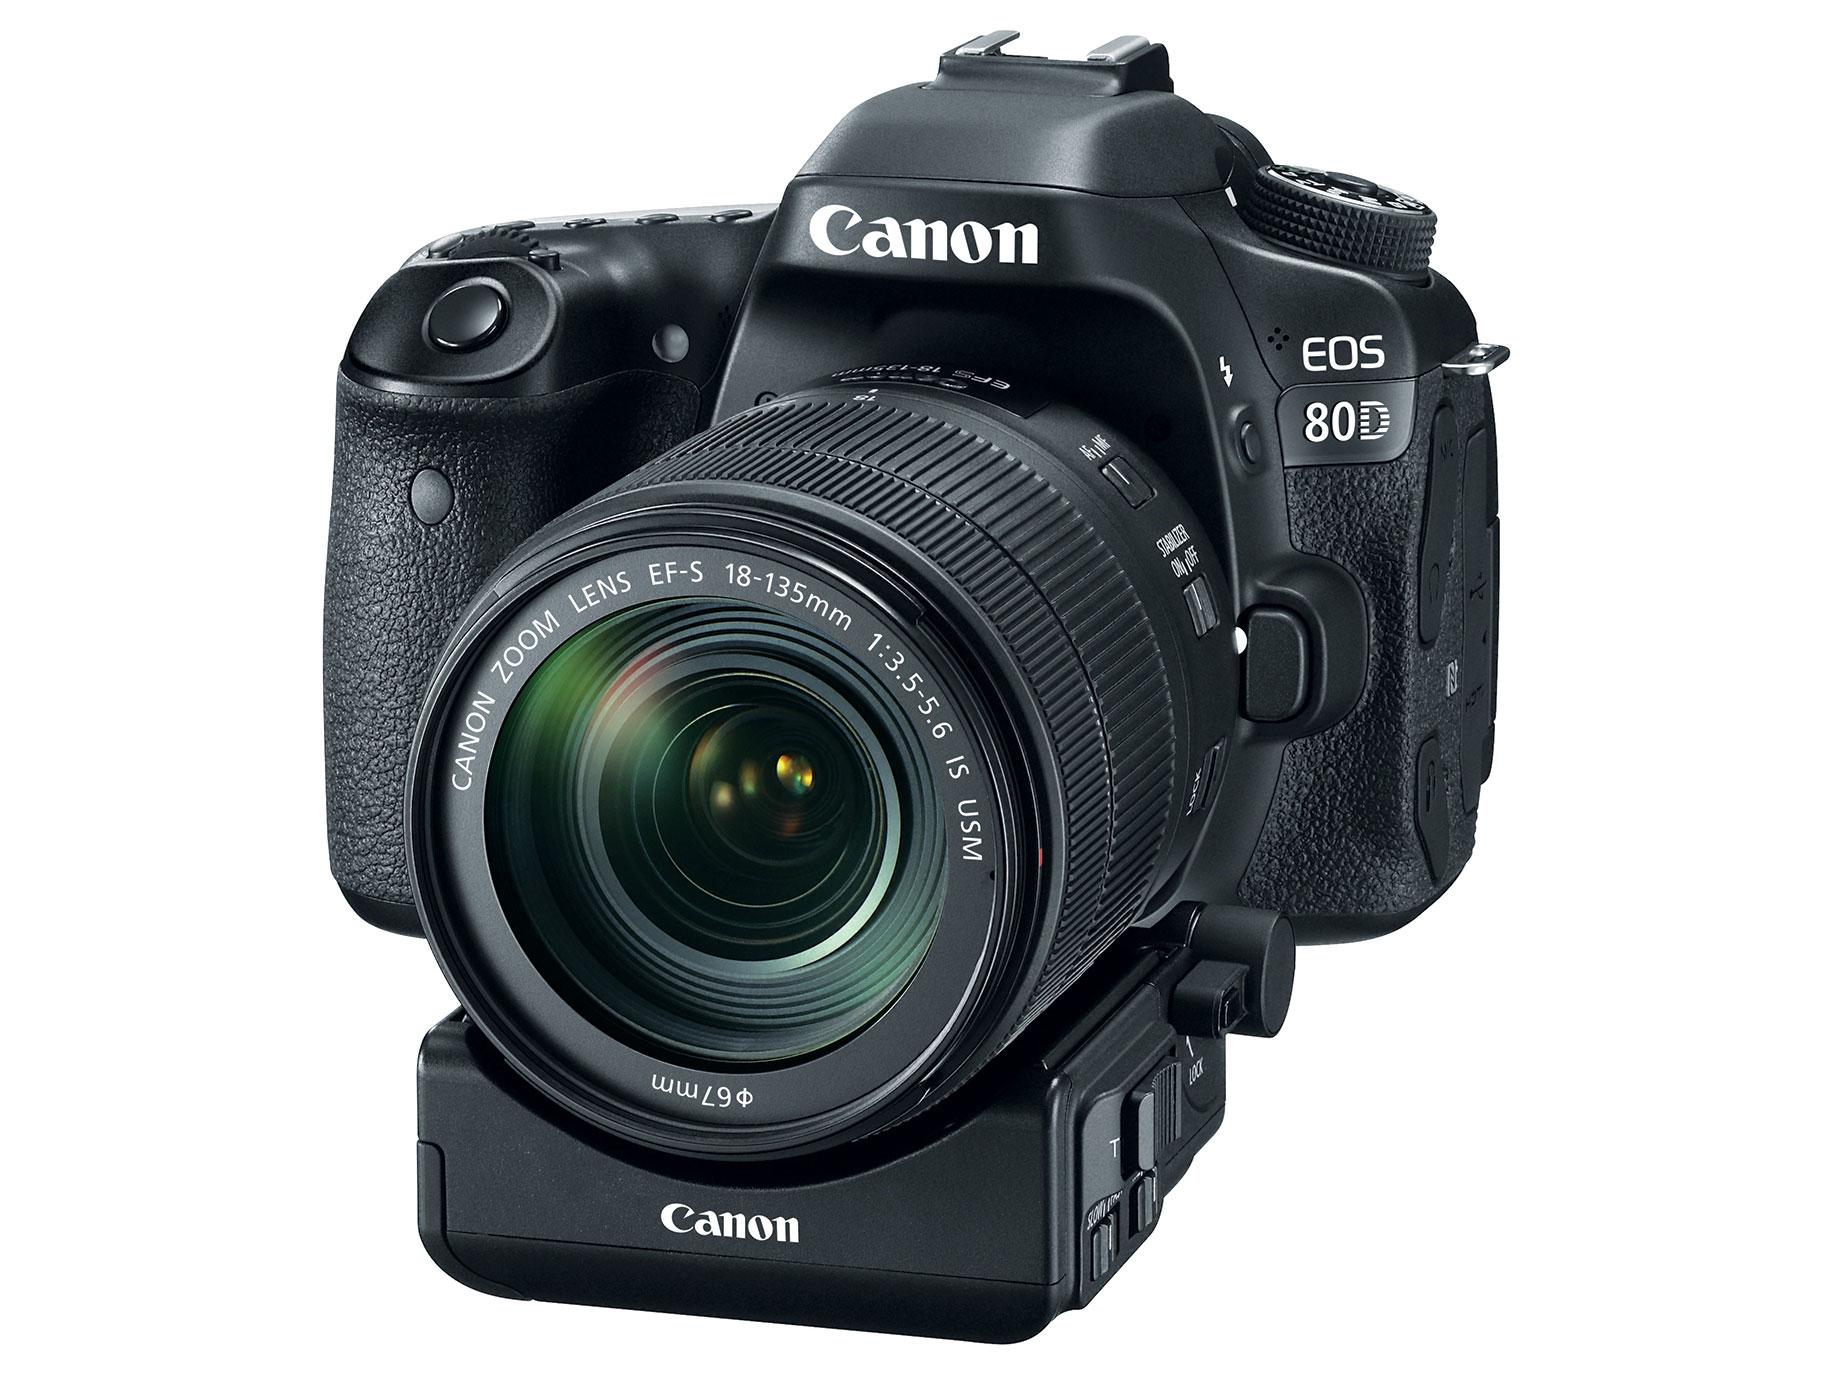 canon_eos_80d_efs_18-135mm.jpg